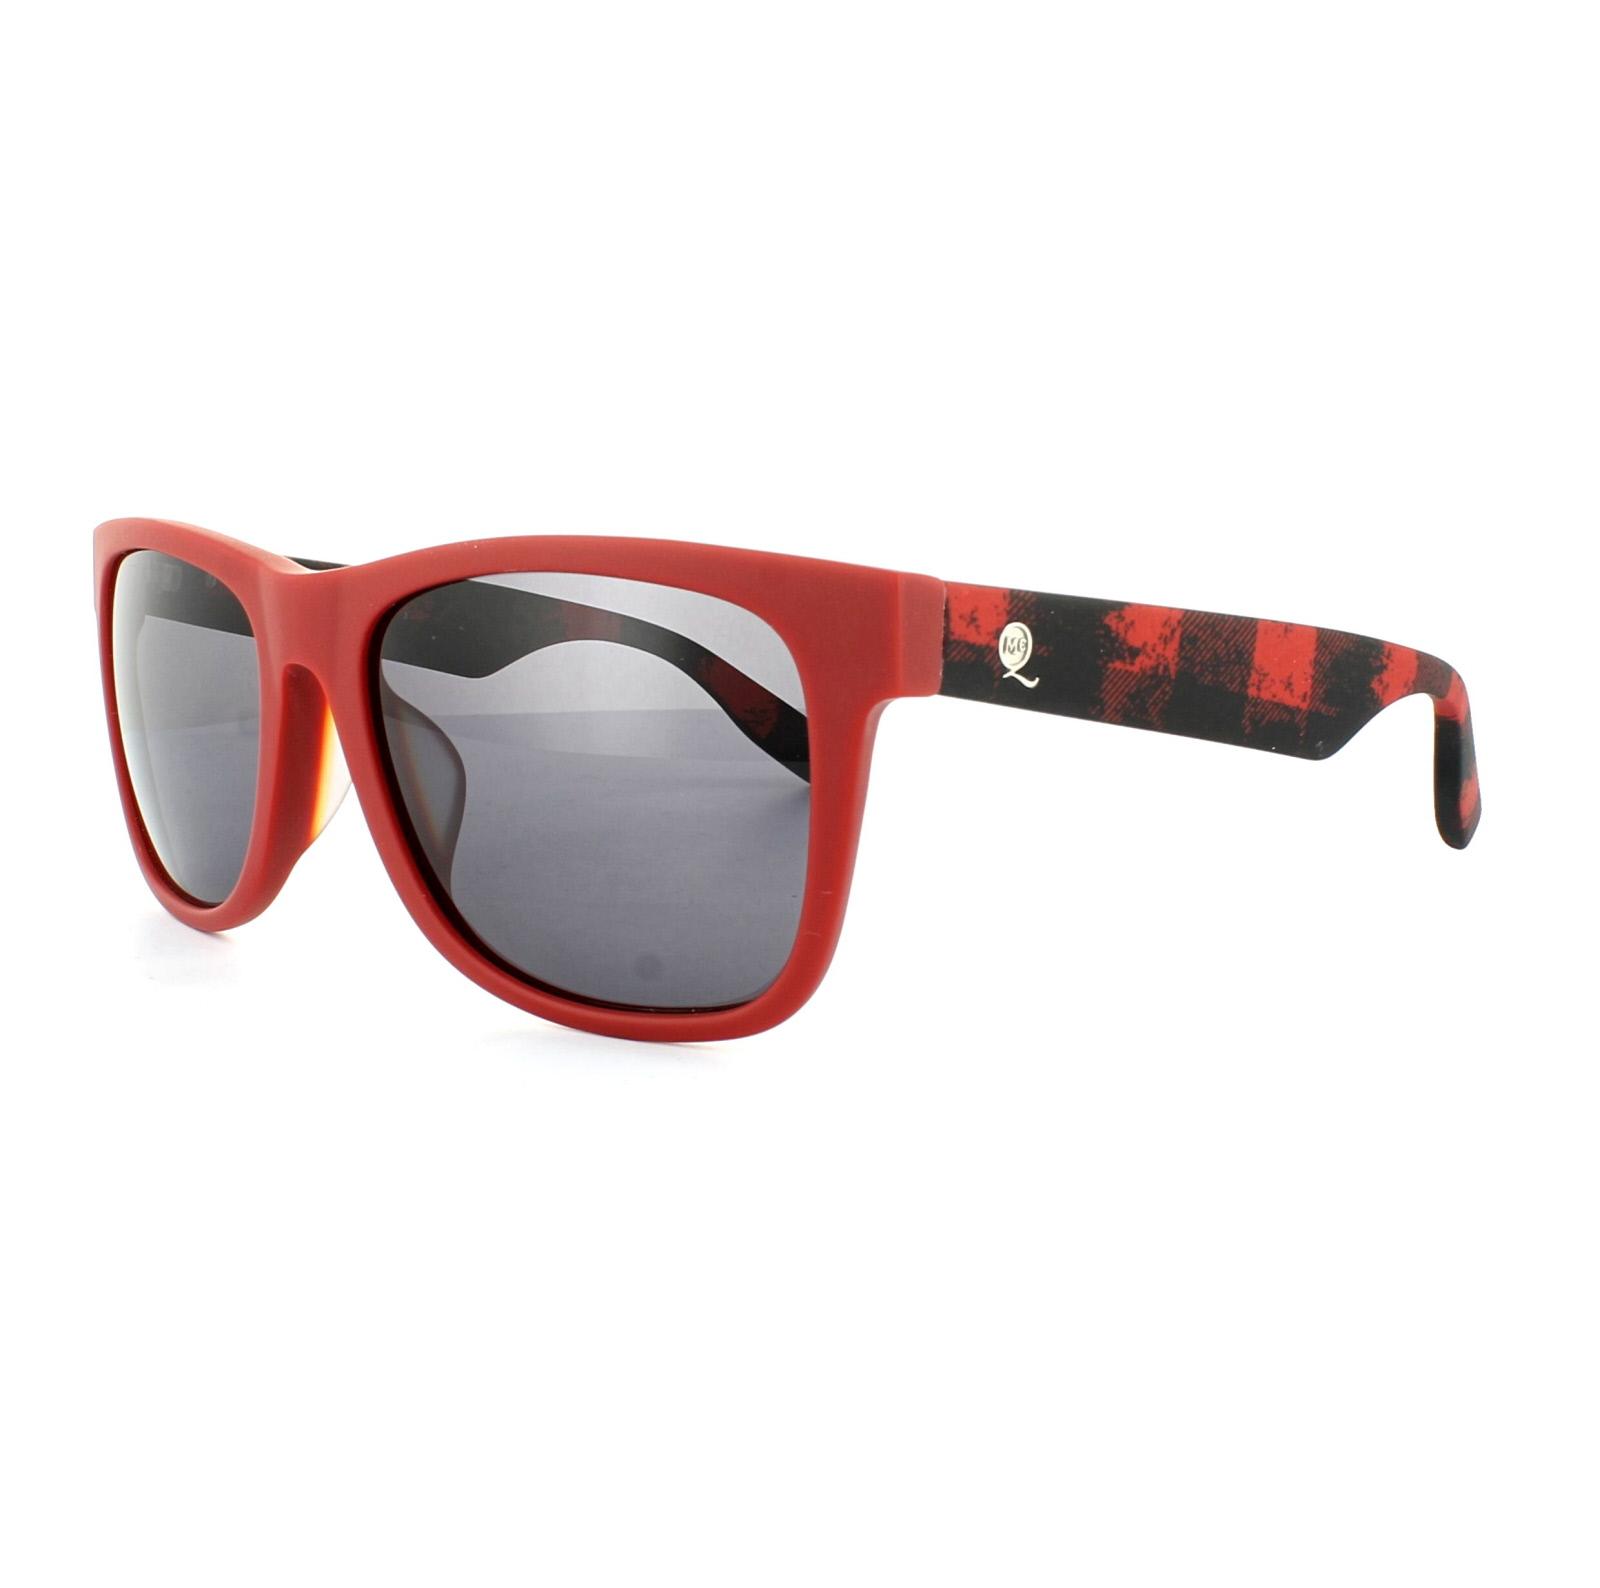 5656d2e2c81 Sentinel McQ Alexander McQueen Sunglasses 0033 F S SSC Matt Red Grey